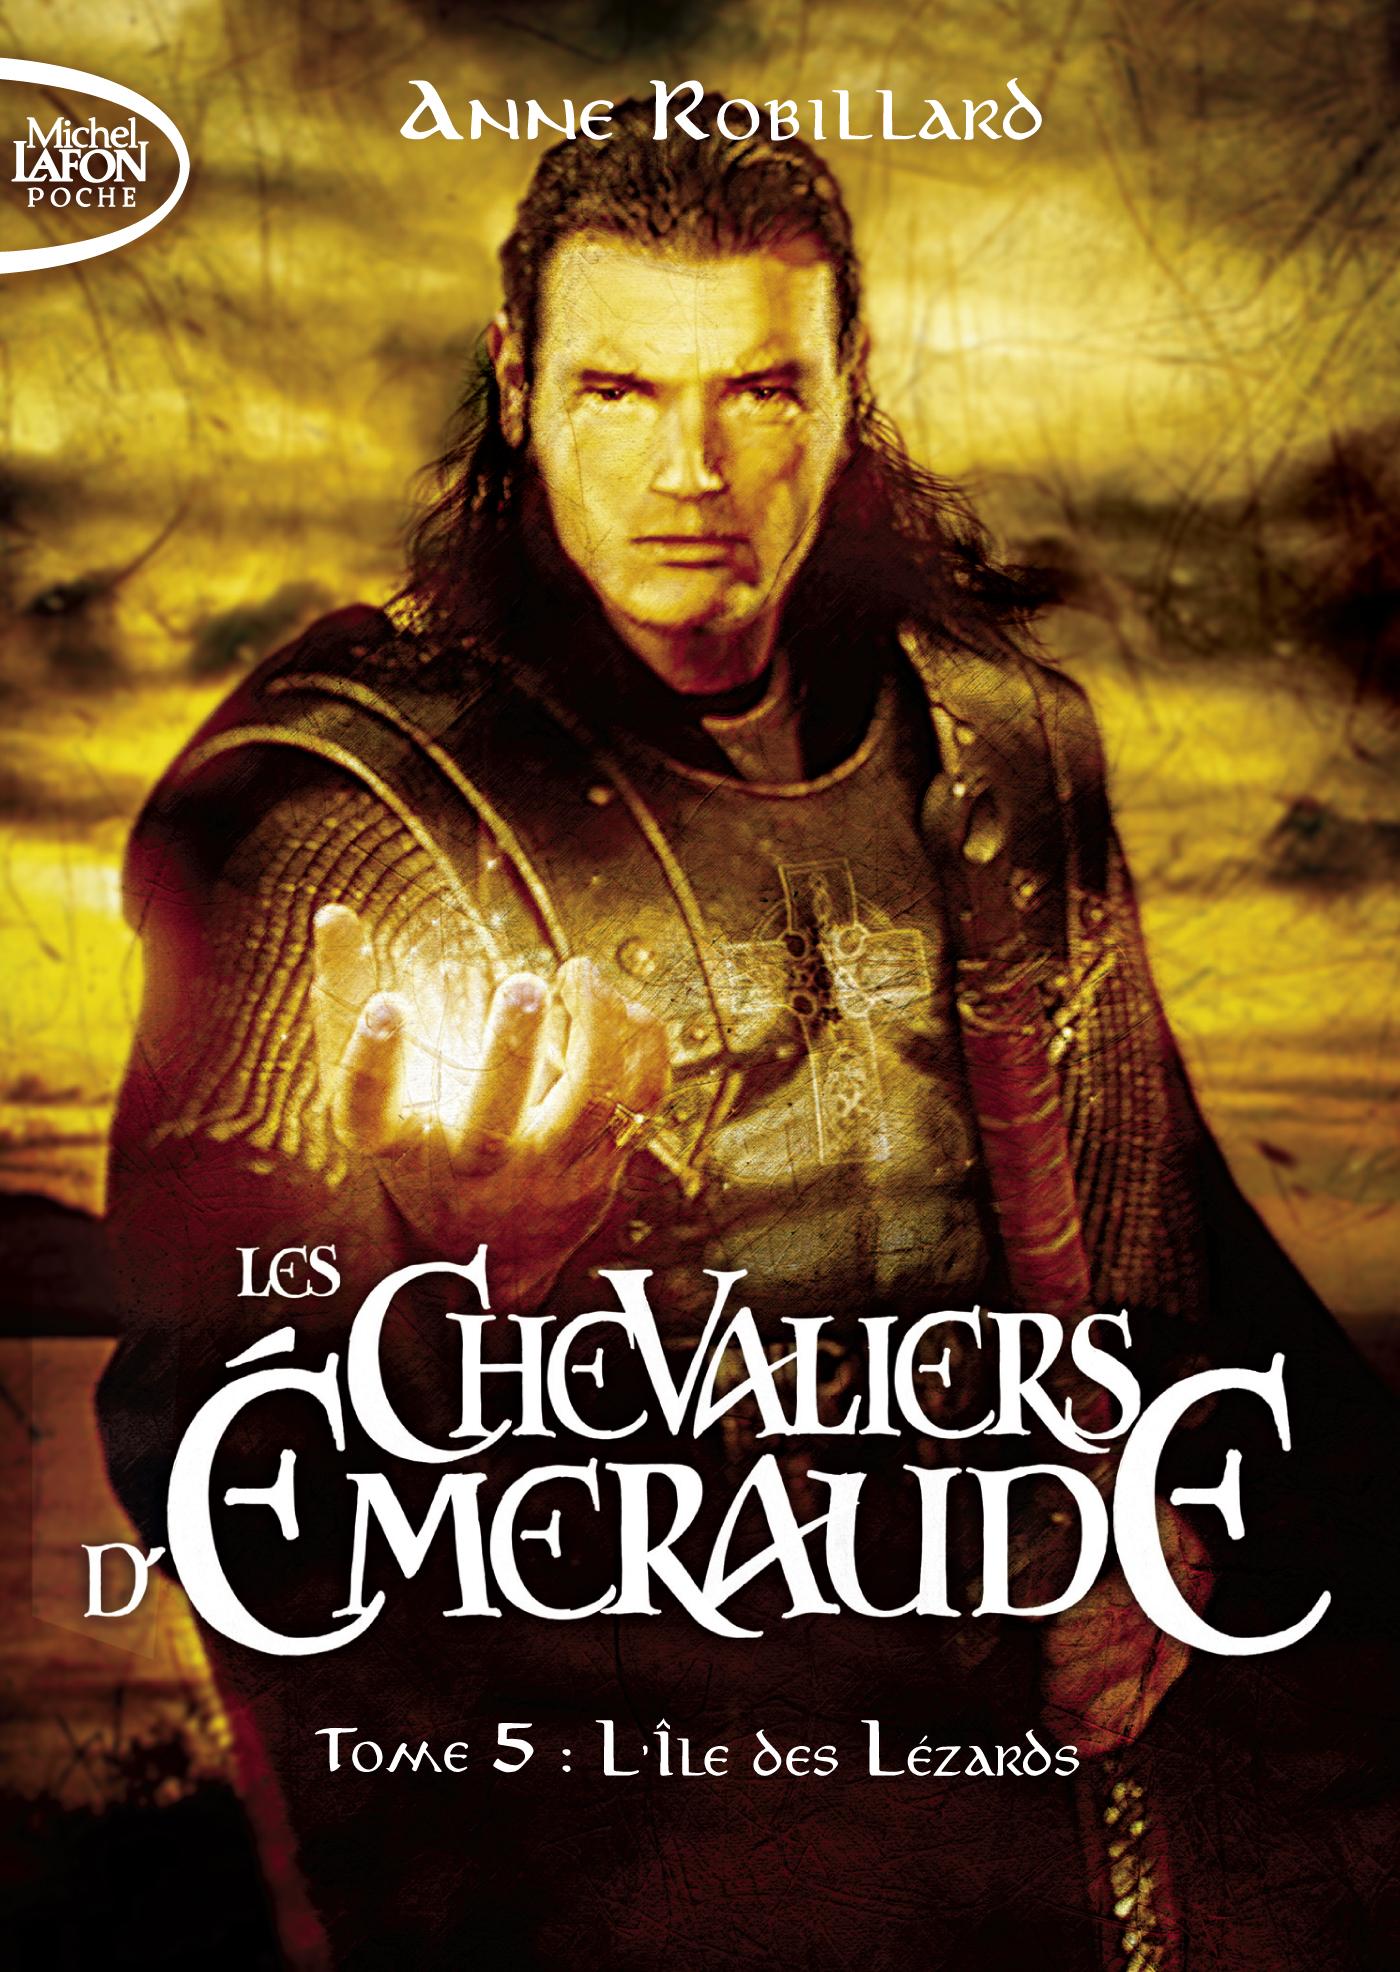 Les Chevaliers d'Émeraude Tome 5 : L'Île des Lézards – POCHE